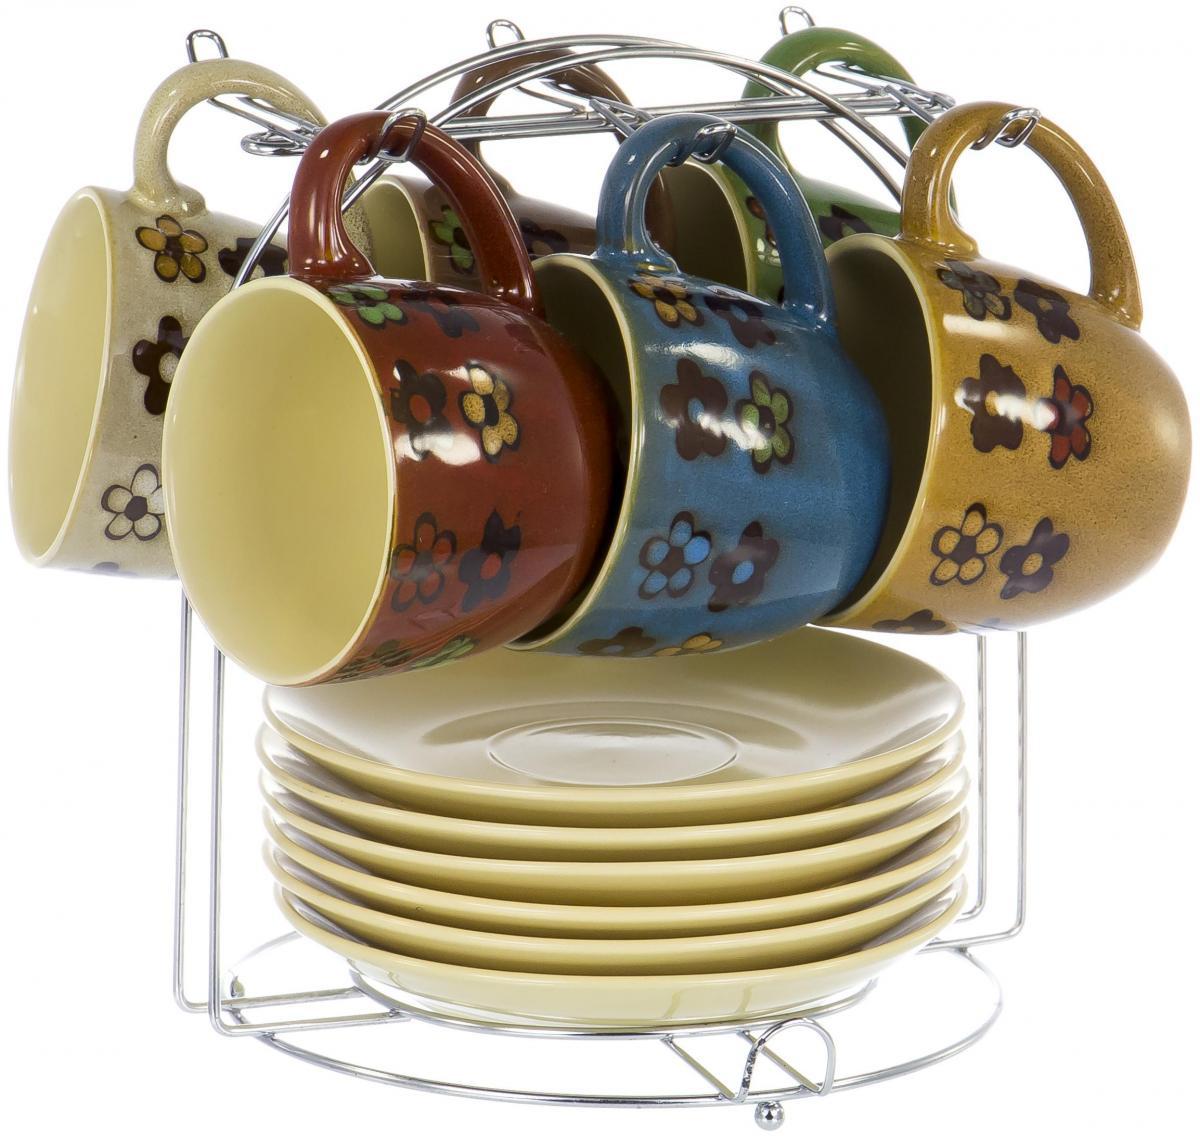 """Чайный набор """"Кочин"""" на шесть персон включает в себя шесть чашек 250 мл, шесть блюдец и металлическую подставку, которая позволит сэкономить место на кухне. Посуда выполнена из керамики и декорирована глазурью шести разных цветов. Демократичный набор для повседневного использования и семейных посиделок."""